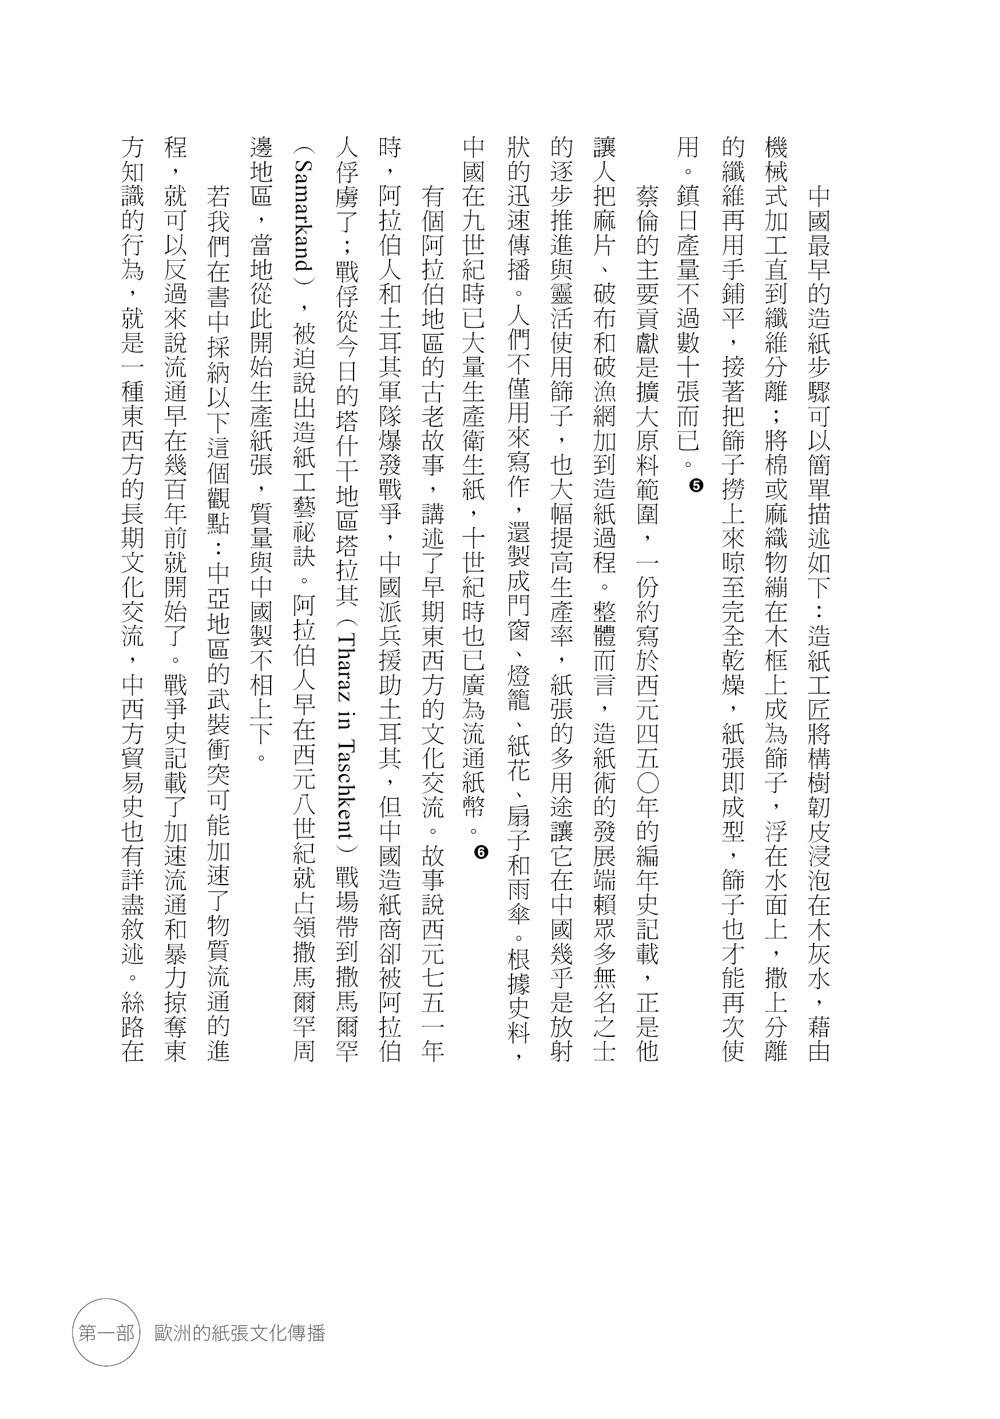 http://im2.book.com.tw/image/getImage?i=http://www.books.com.tw/img/001/076/42/0010764237_b_03.jpg&v=59a94512&w=655&h=609